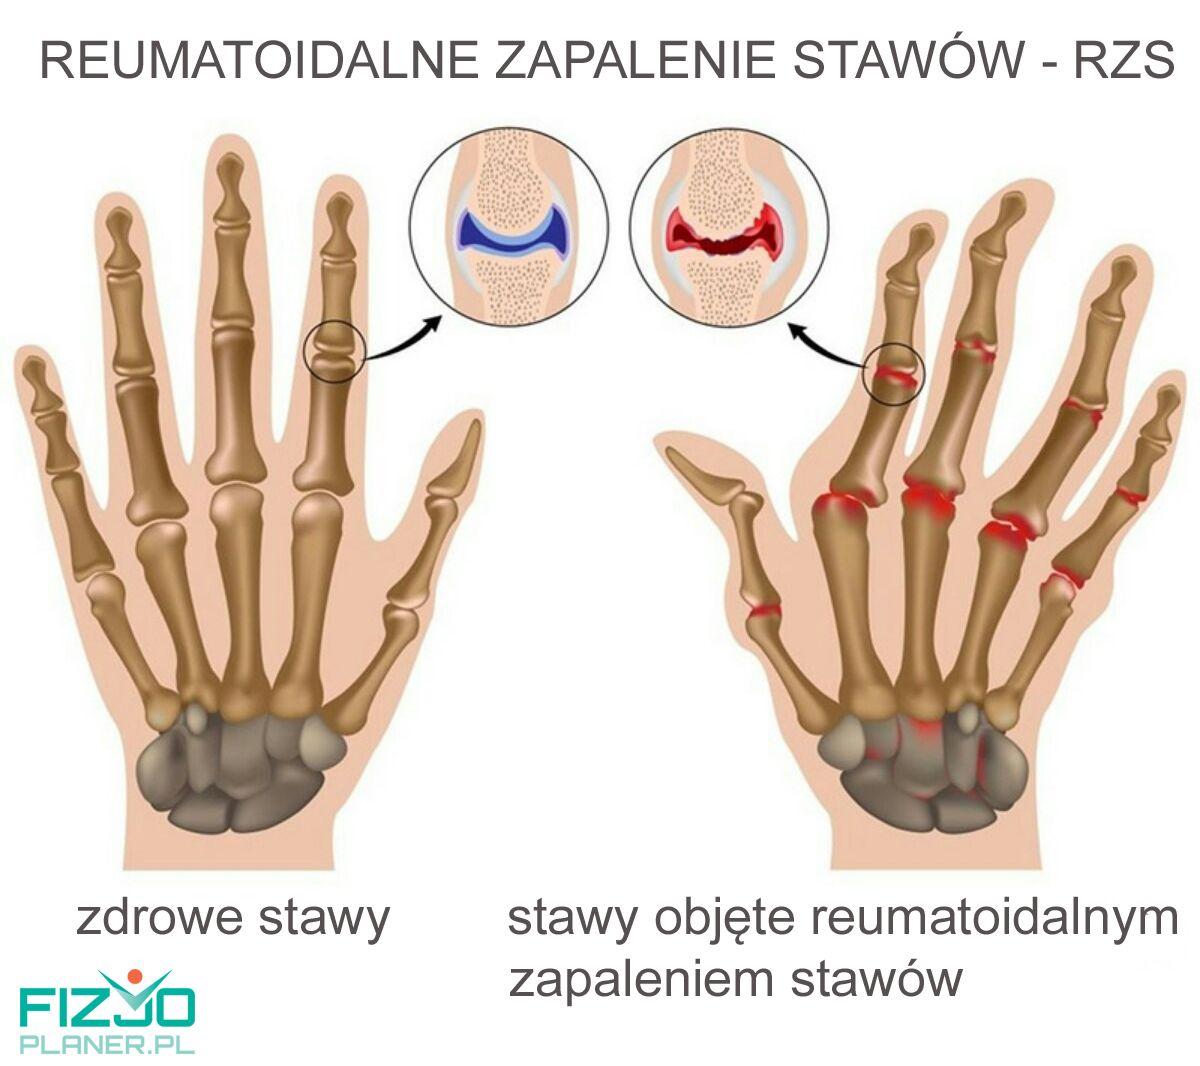 Reumatoidalne zapalenie stawow RZS